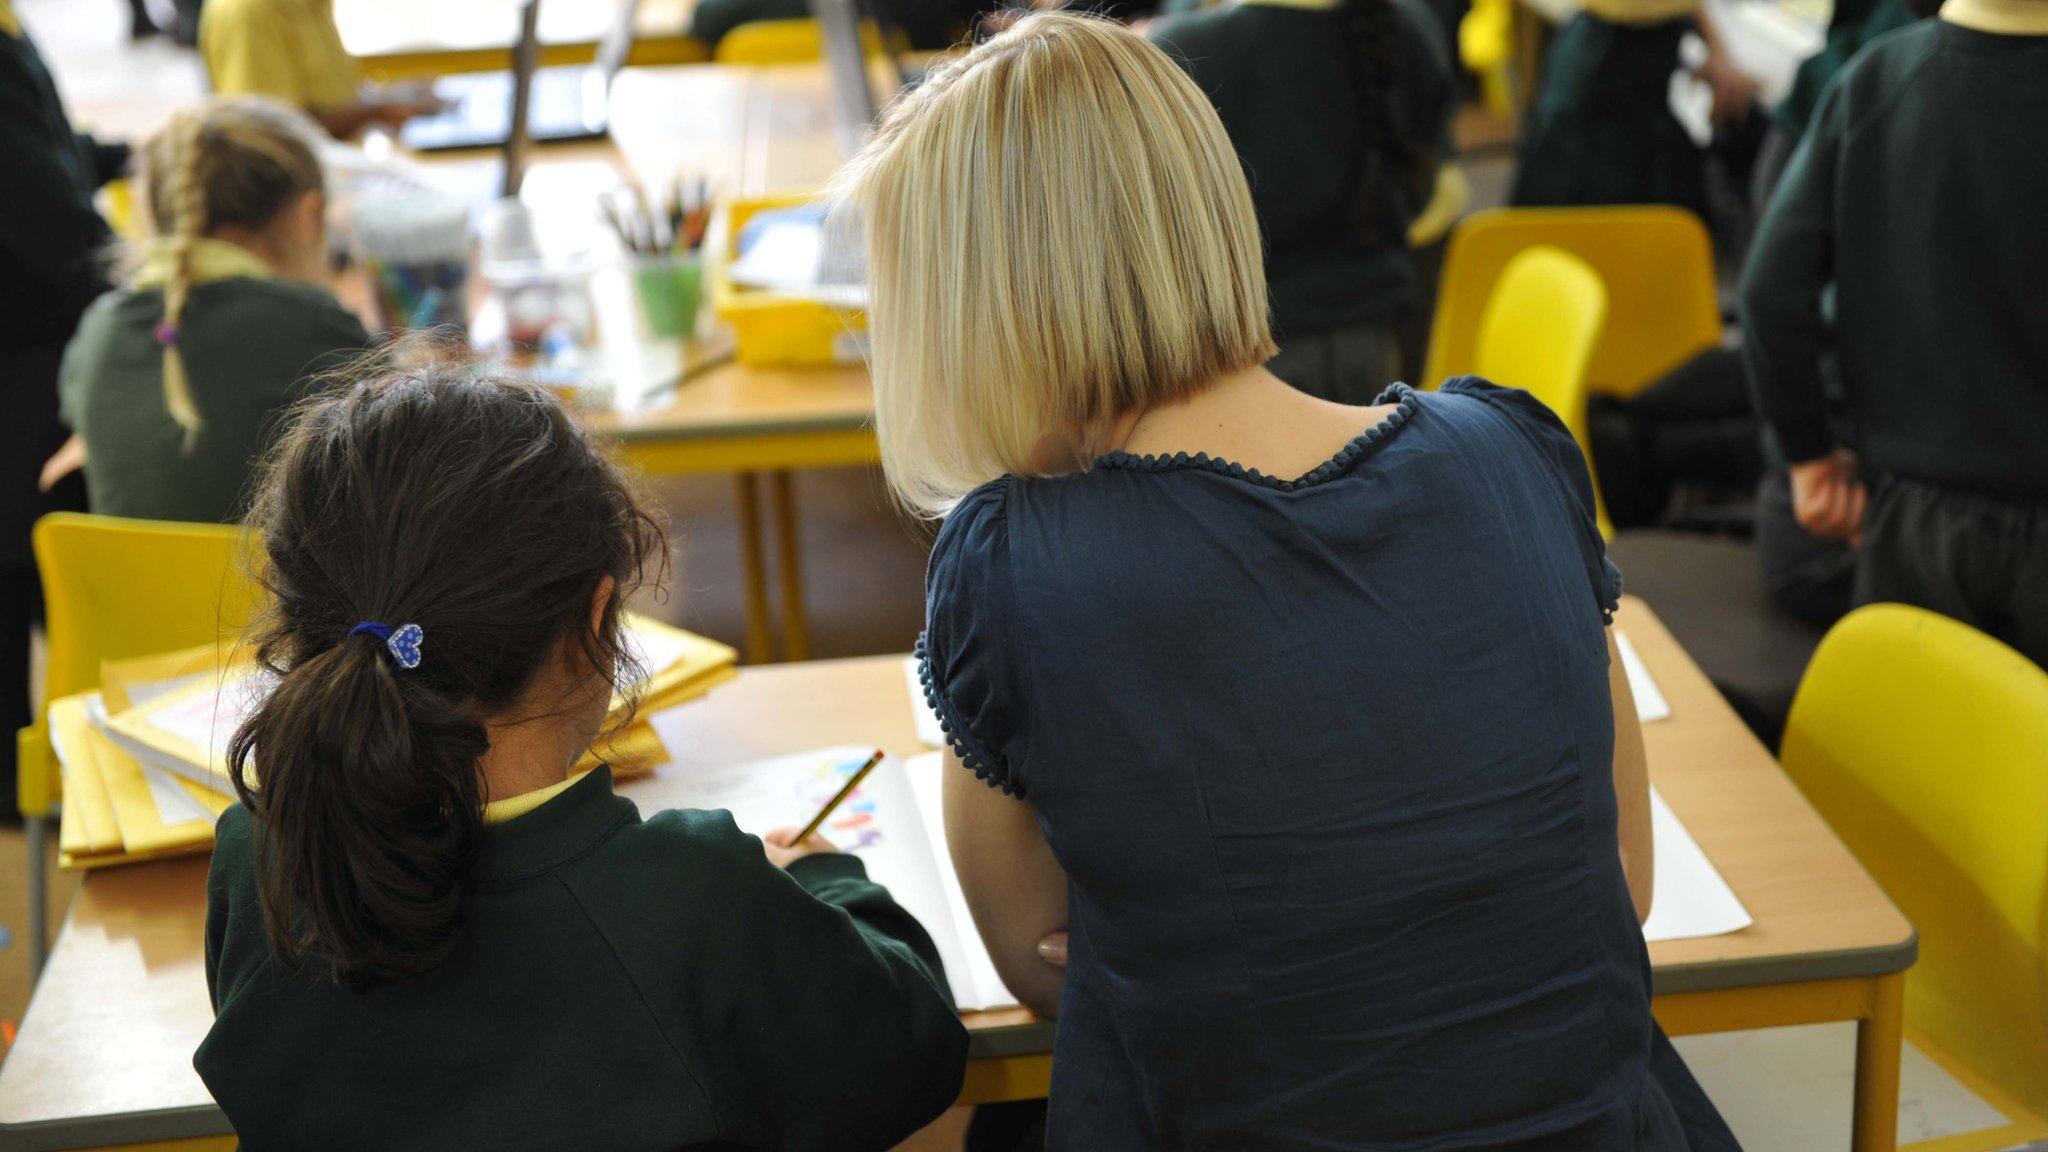 Somerset spending cuts delay new school buildings